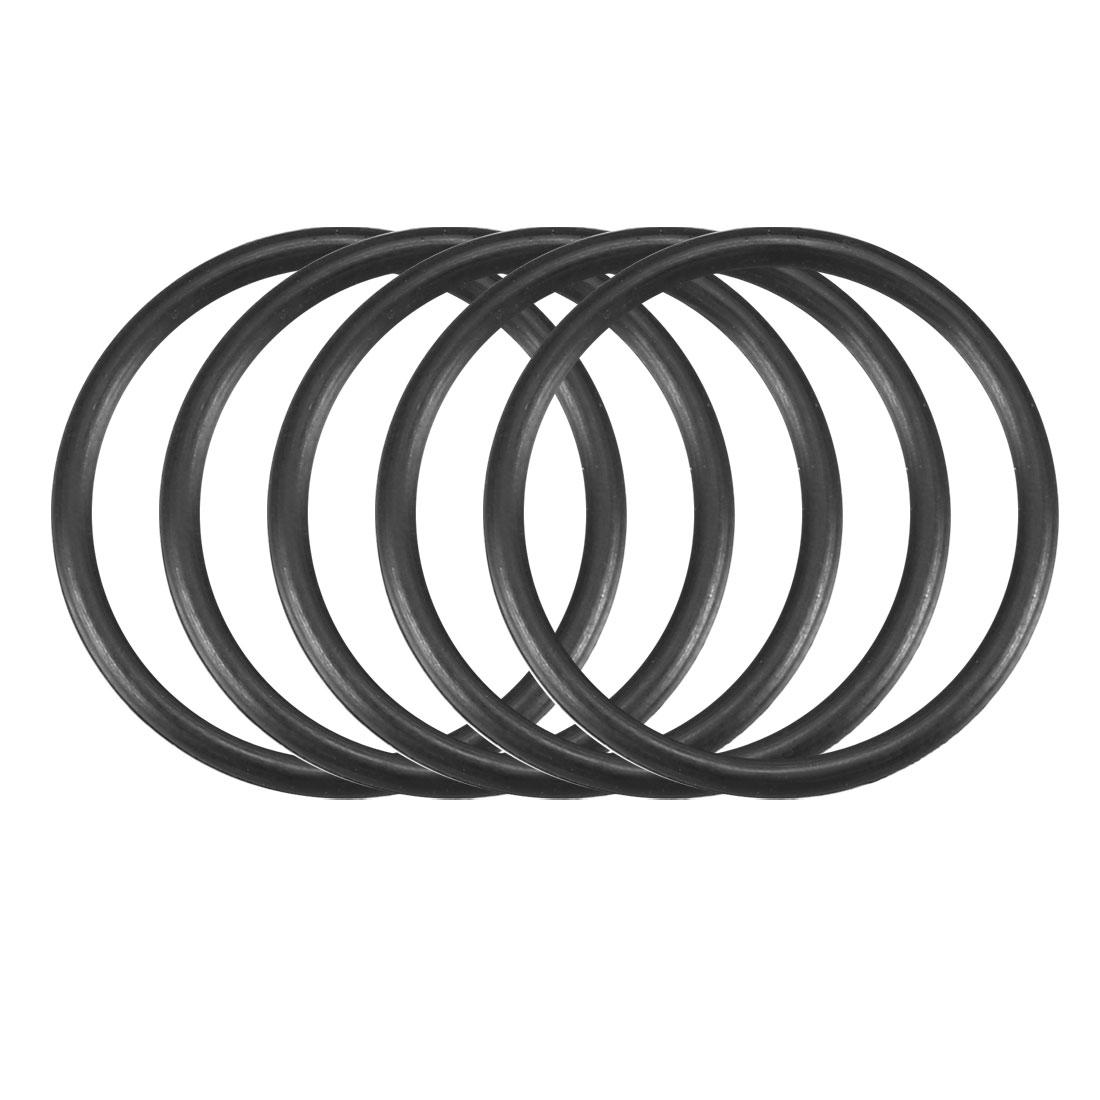 50pcs Black Nitrile Butadiene Rubber NBR O-Ring 16.5mm Inner Dia 1.5mm Width